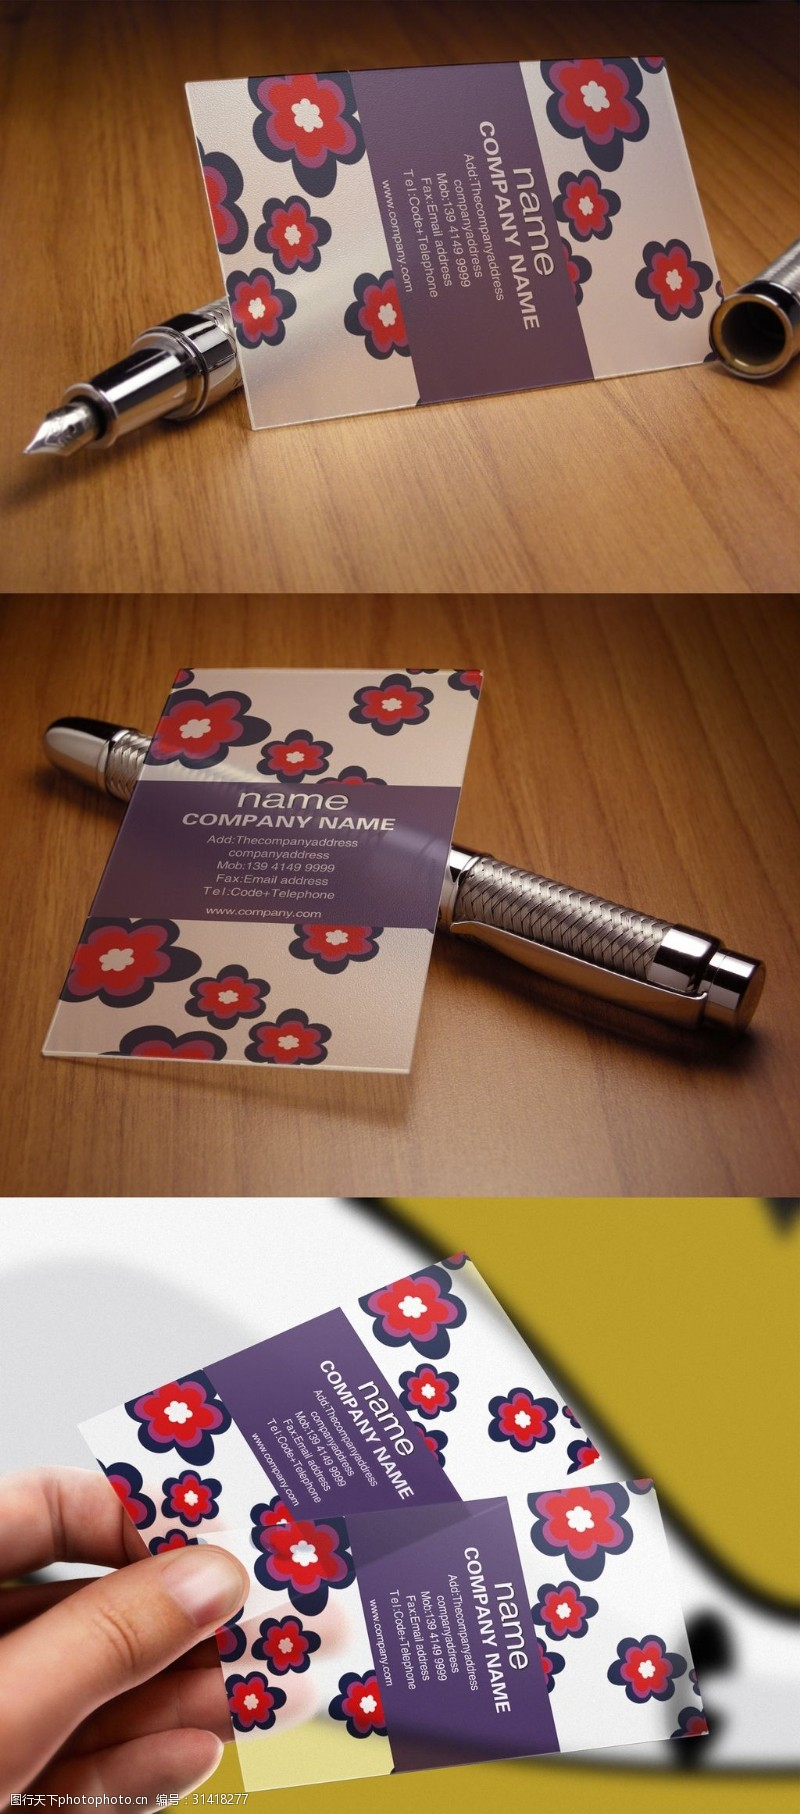 公司企业模板紫色高贵华丽花朵花瓣韩版高端透明名片设计